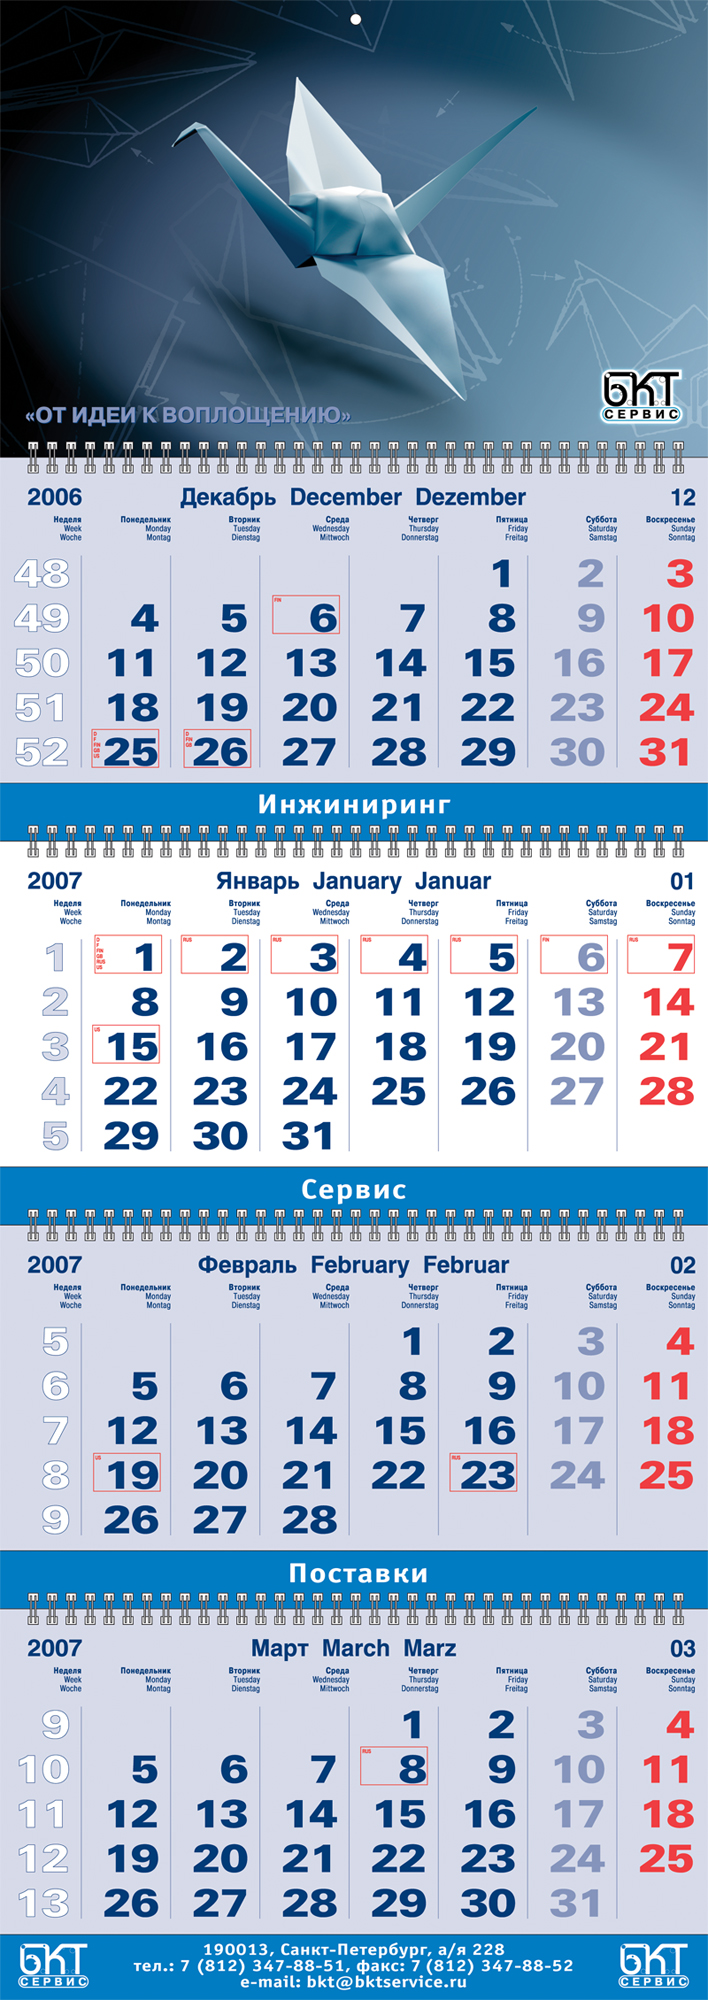 календарь БКТ трио